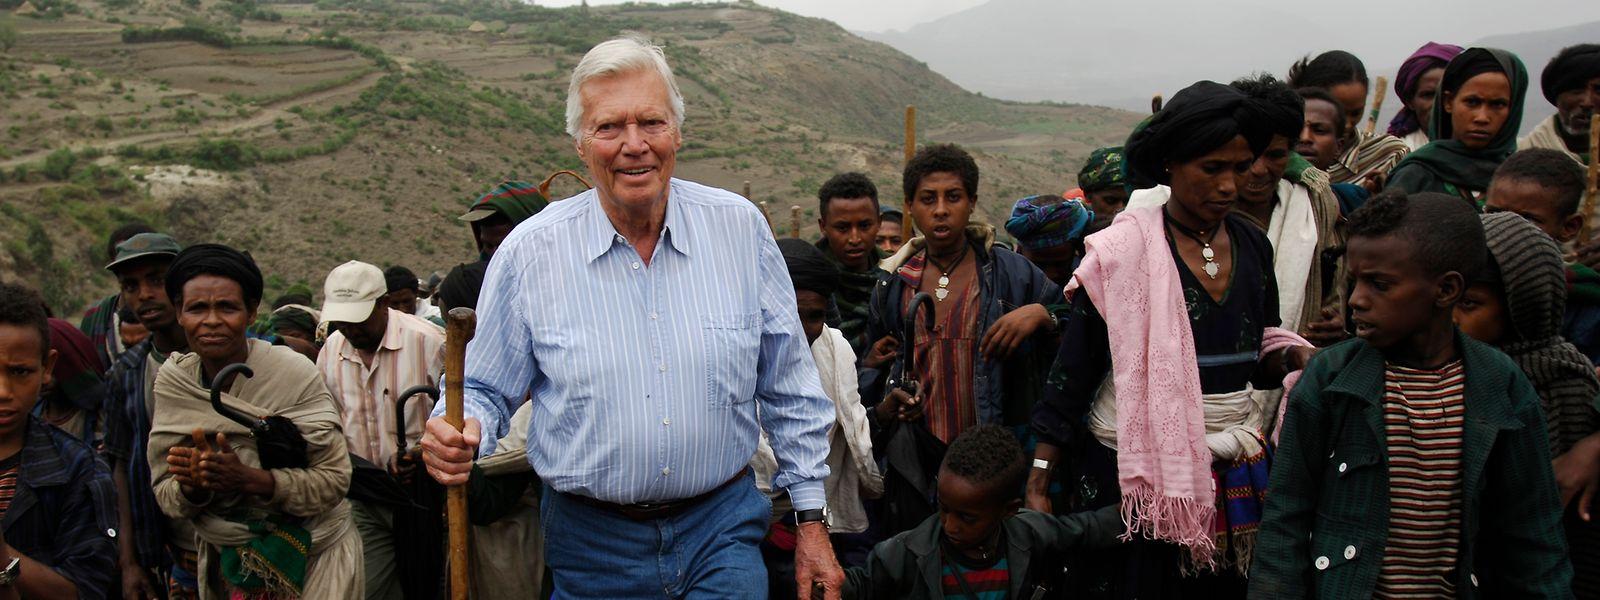 Karlheinz Böhm – hier im Jahr 2006 – setzte sich seit den 1980er-Jahren persönlich für die Menschen in Äthiopien ein.